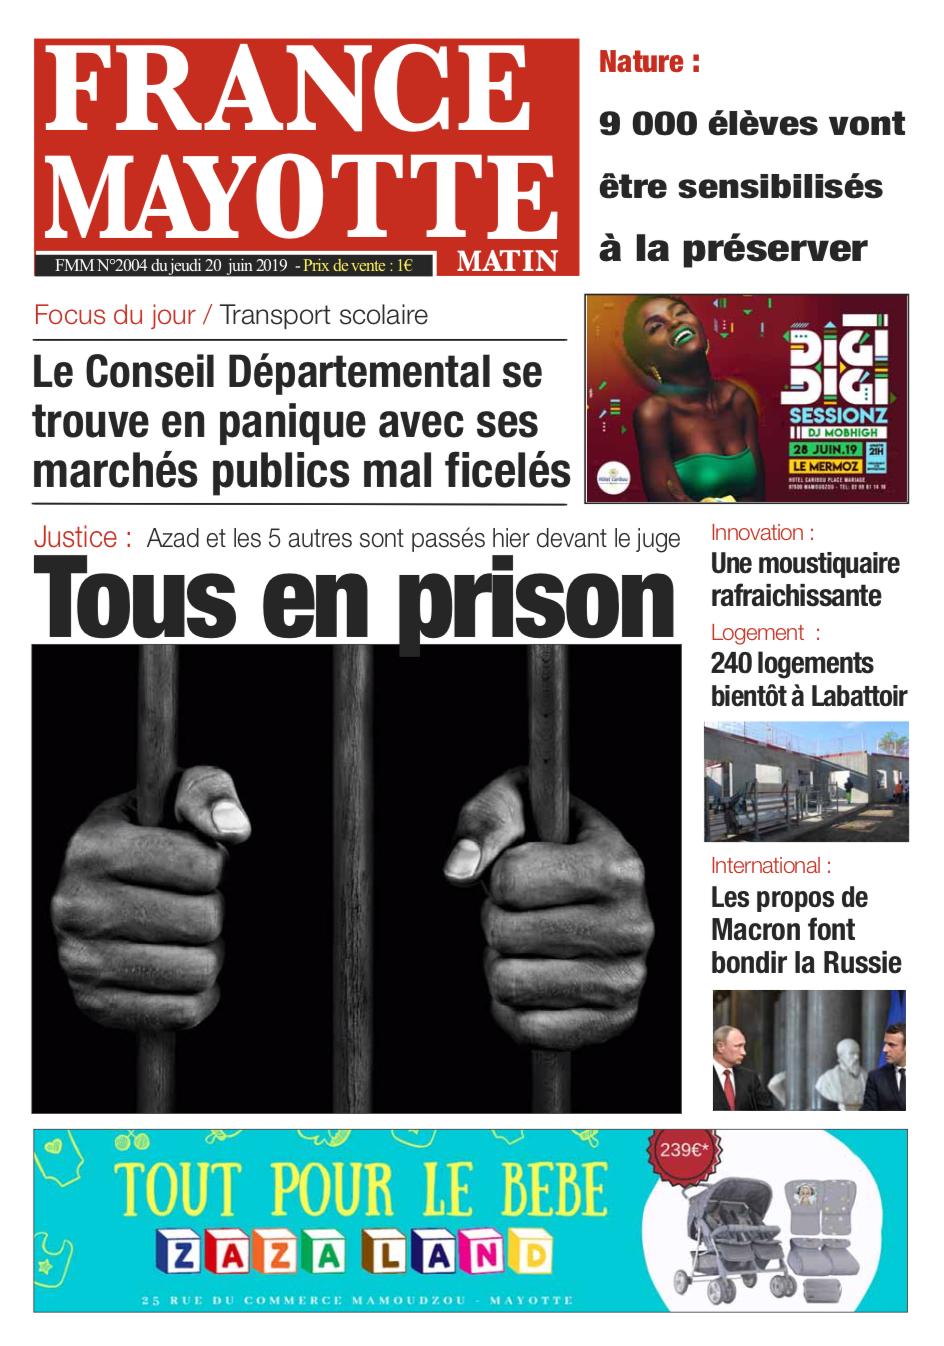 France Mayotte Jeudi 20 juin 2019